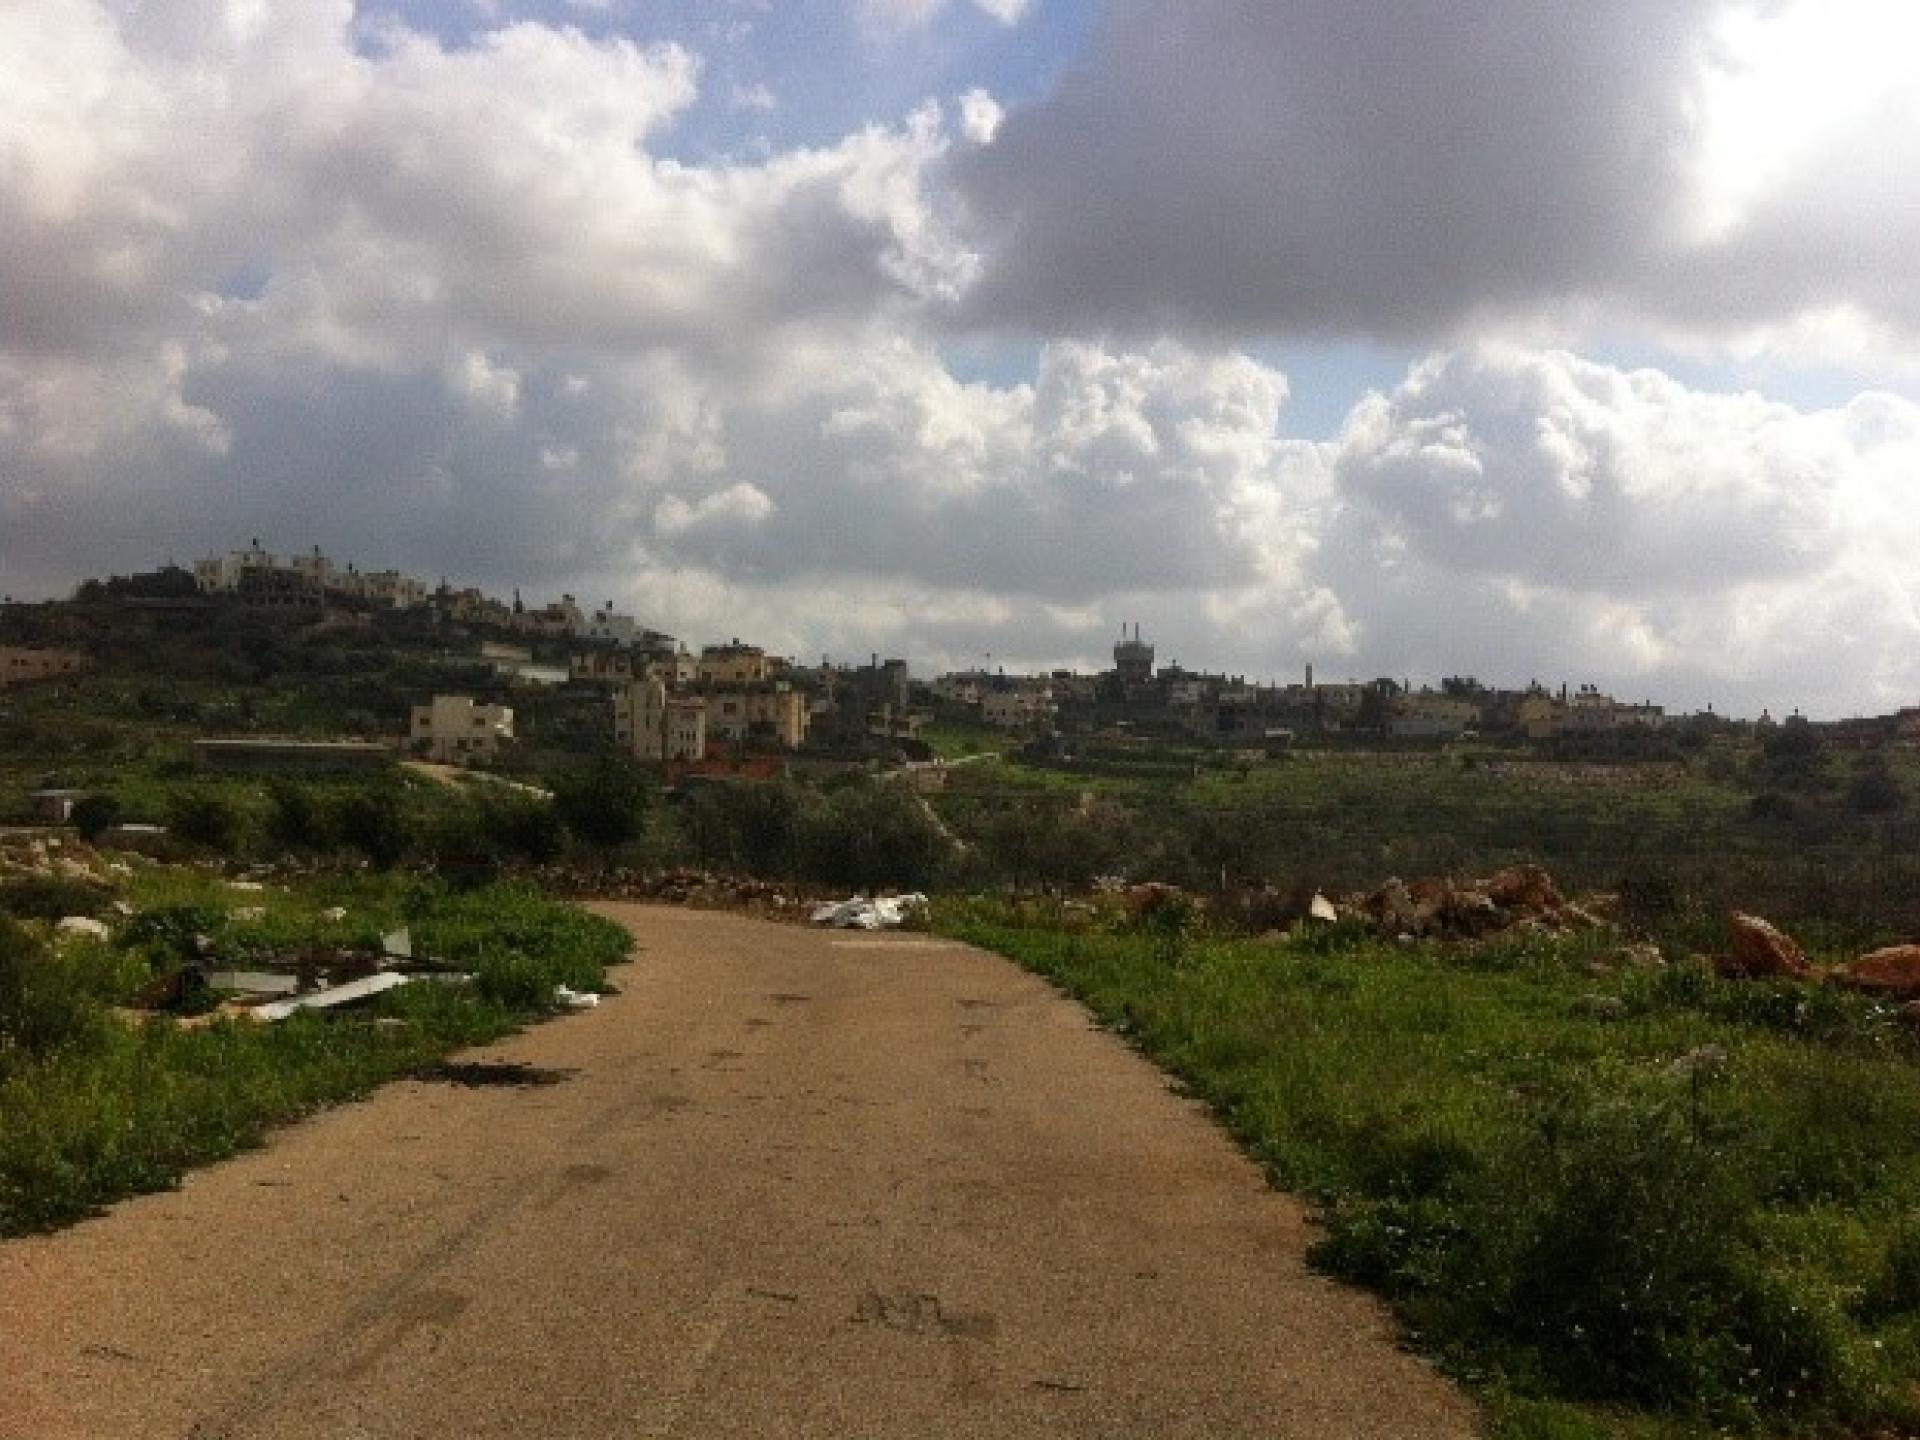 מבט על כפר מסחה ממחסום מסחה צפון